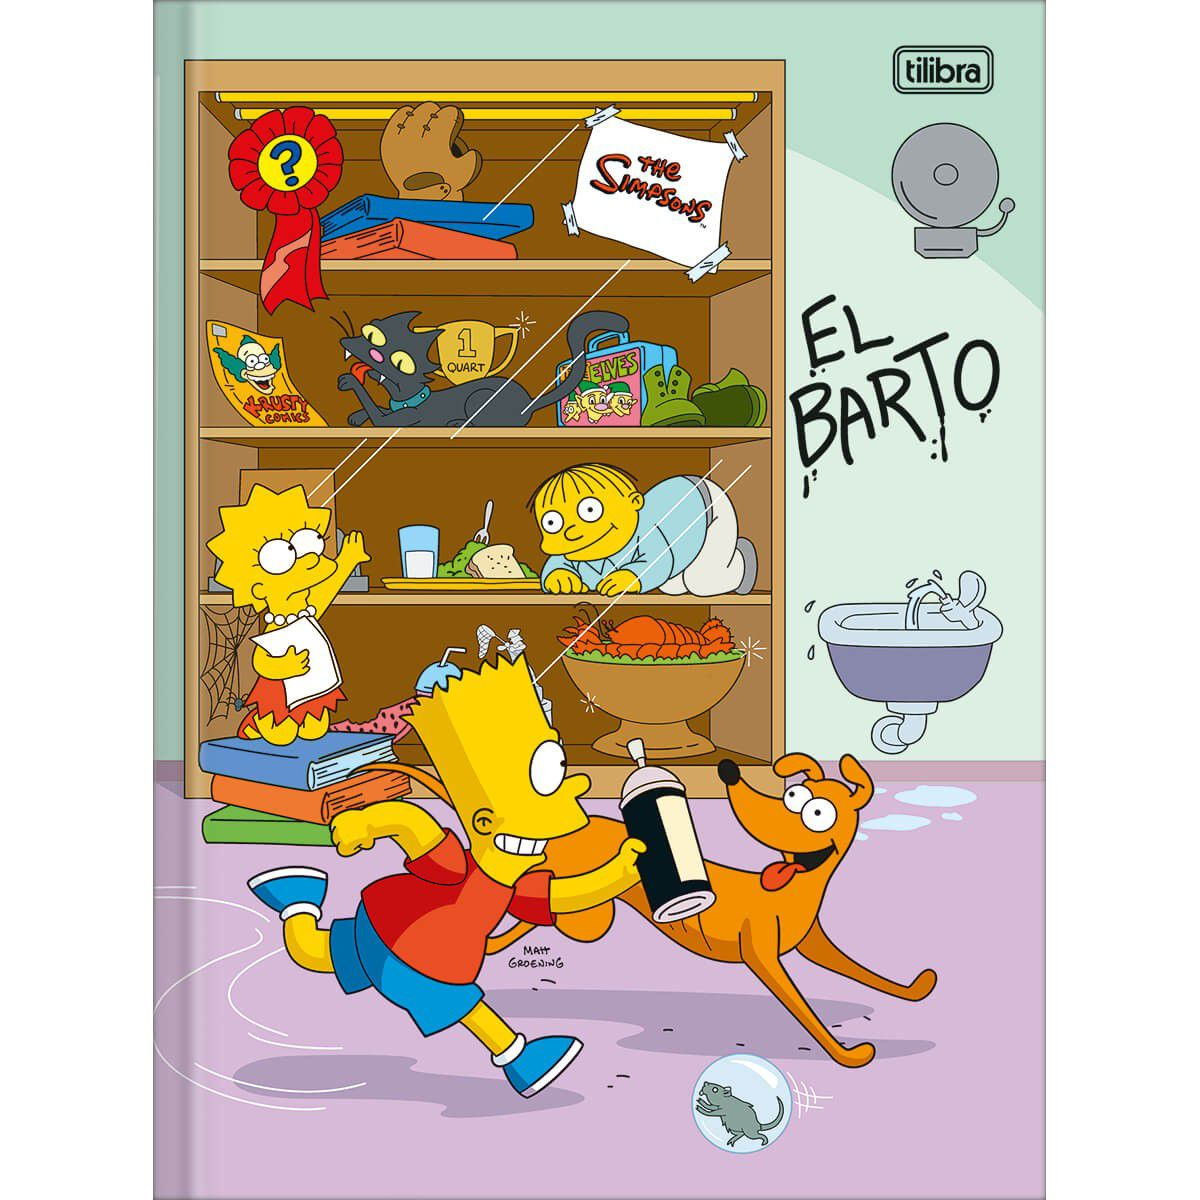 Caderno Tilibra Capa Dura Costurado Universitário 80 Fls The Simpsons 308901 27849